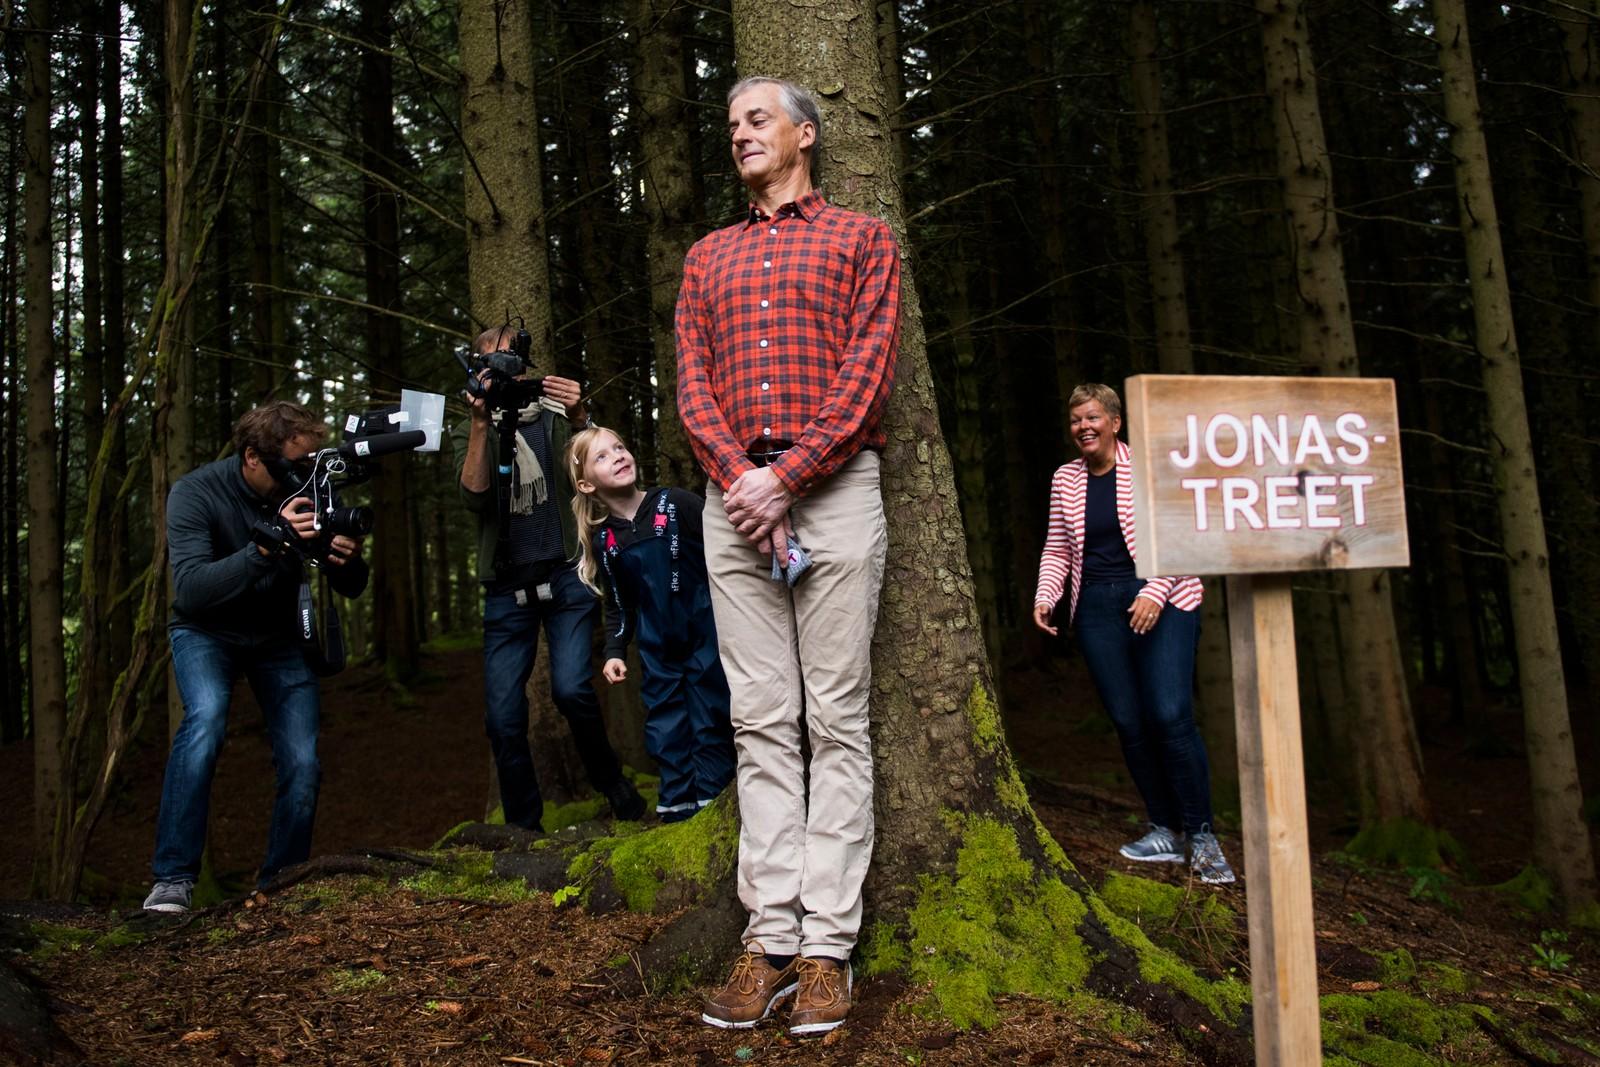 Jonas Gahr Støre (Ap) leker gjemsel under et besøk i Haugesund turistforening og barnehage i Djupadalen tirsdag formiddag i forbindelse med Arbeiderpartiets valgkampturné på Vestlandet. Her blir partilederen funnet av Natalie Langøy Dommersnes (6) og lokalpolitiker Hege Haukeland Liadal (Ap) (t.h) bak «Jonas-treet» som var treet han gjemte seg bak da han var på tilsvarende besøk i Djupadalen i 2013.